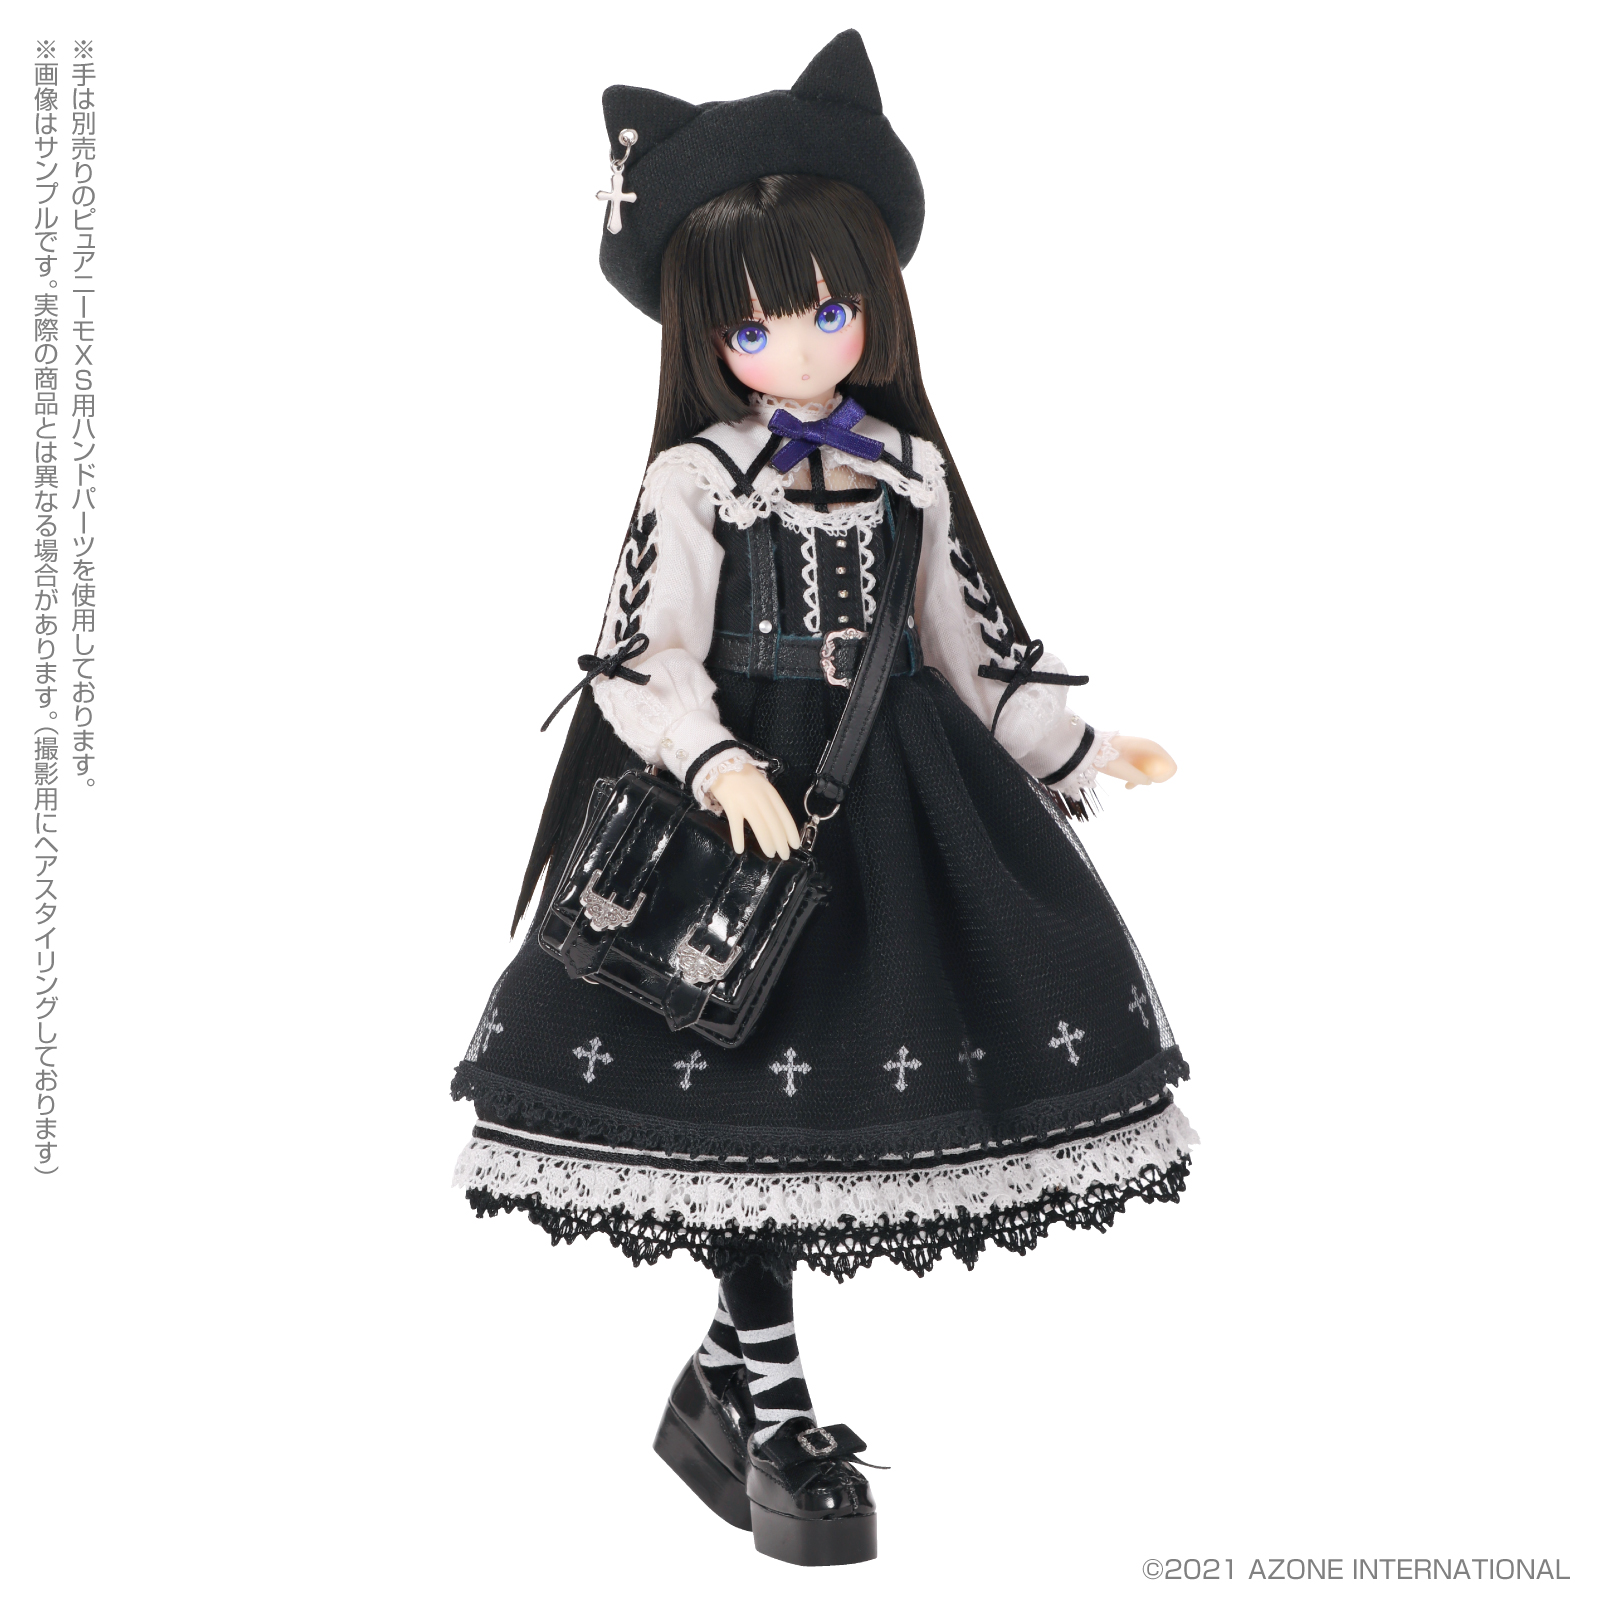 ルミナス*ストリート『みい/Mii ~Cat walking path~(通常販売ver.)』Luminous*Street 1/6 完成品ドール-013